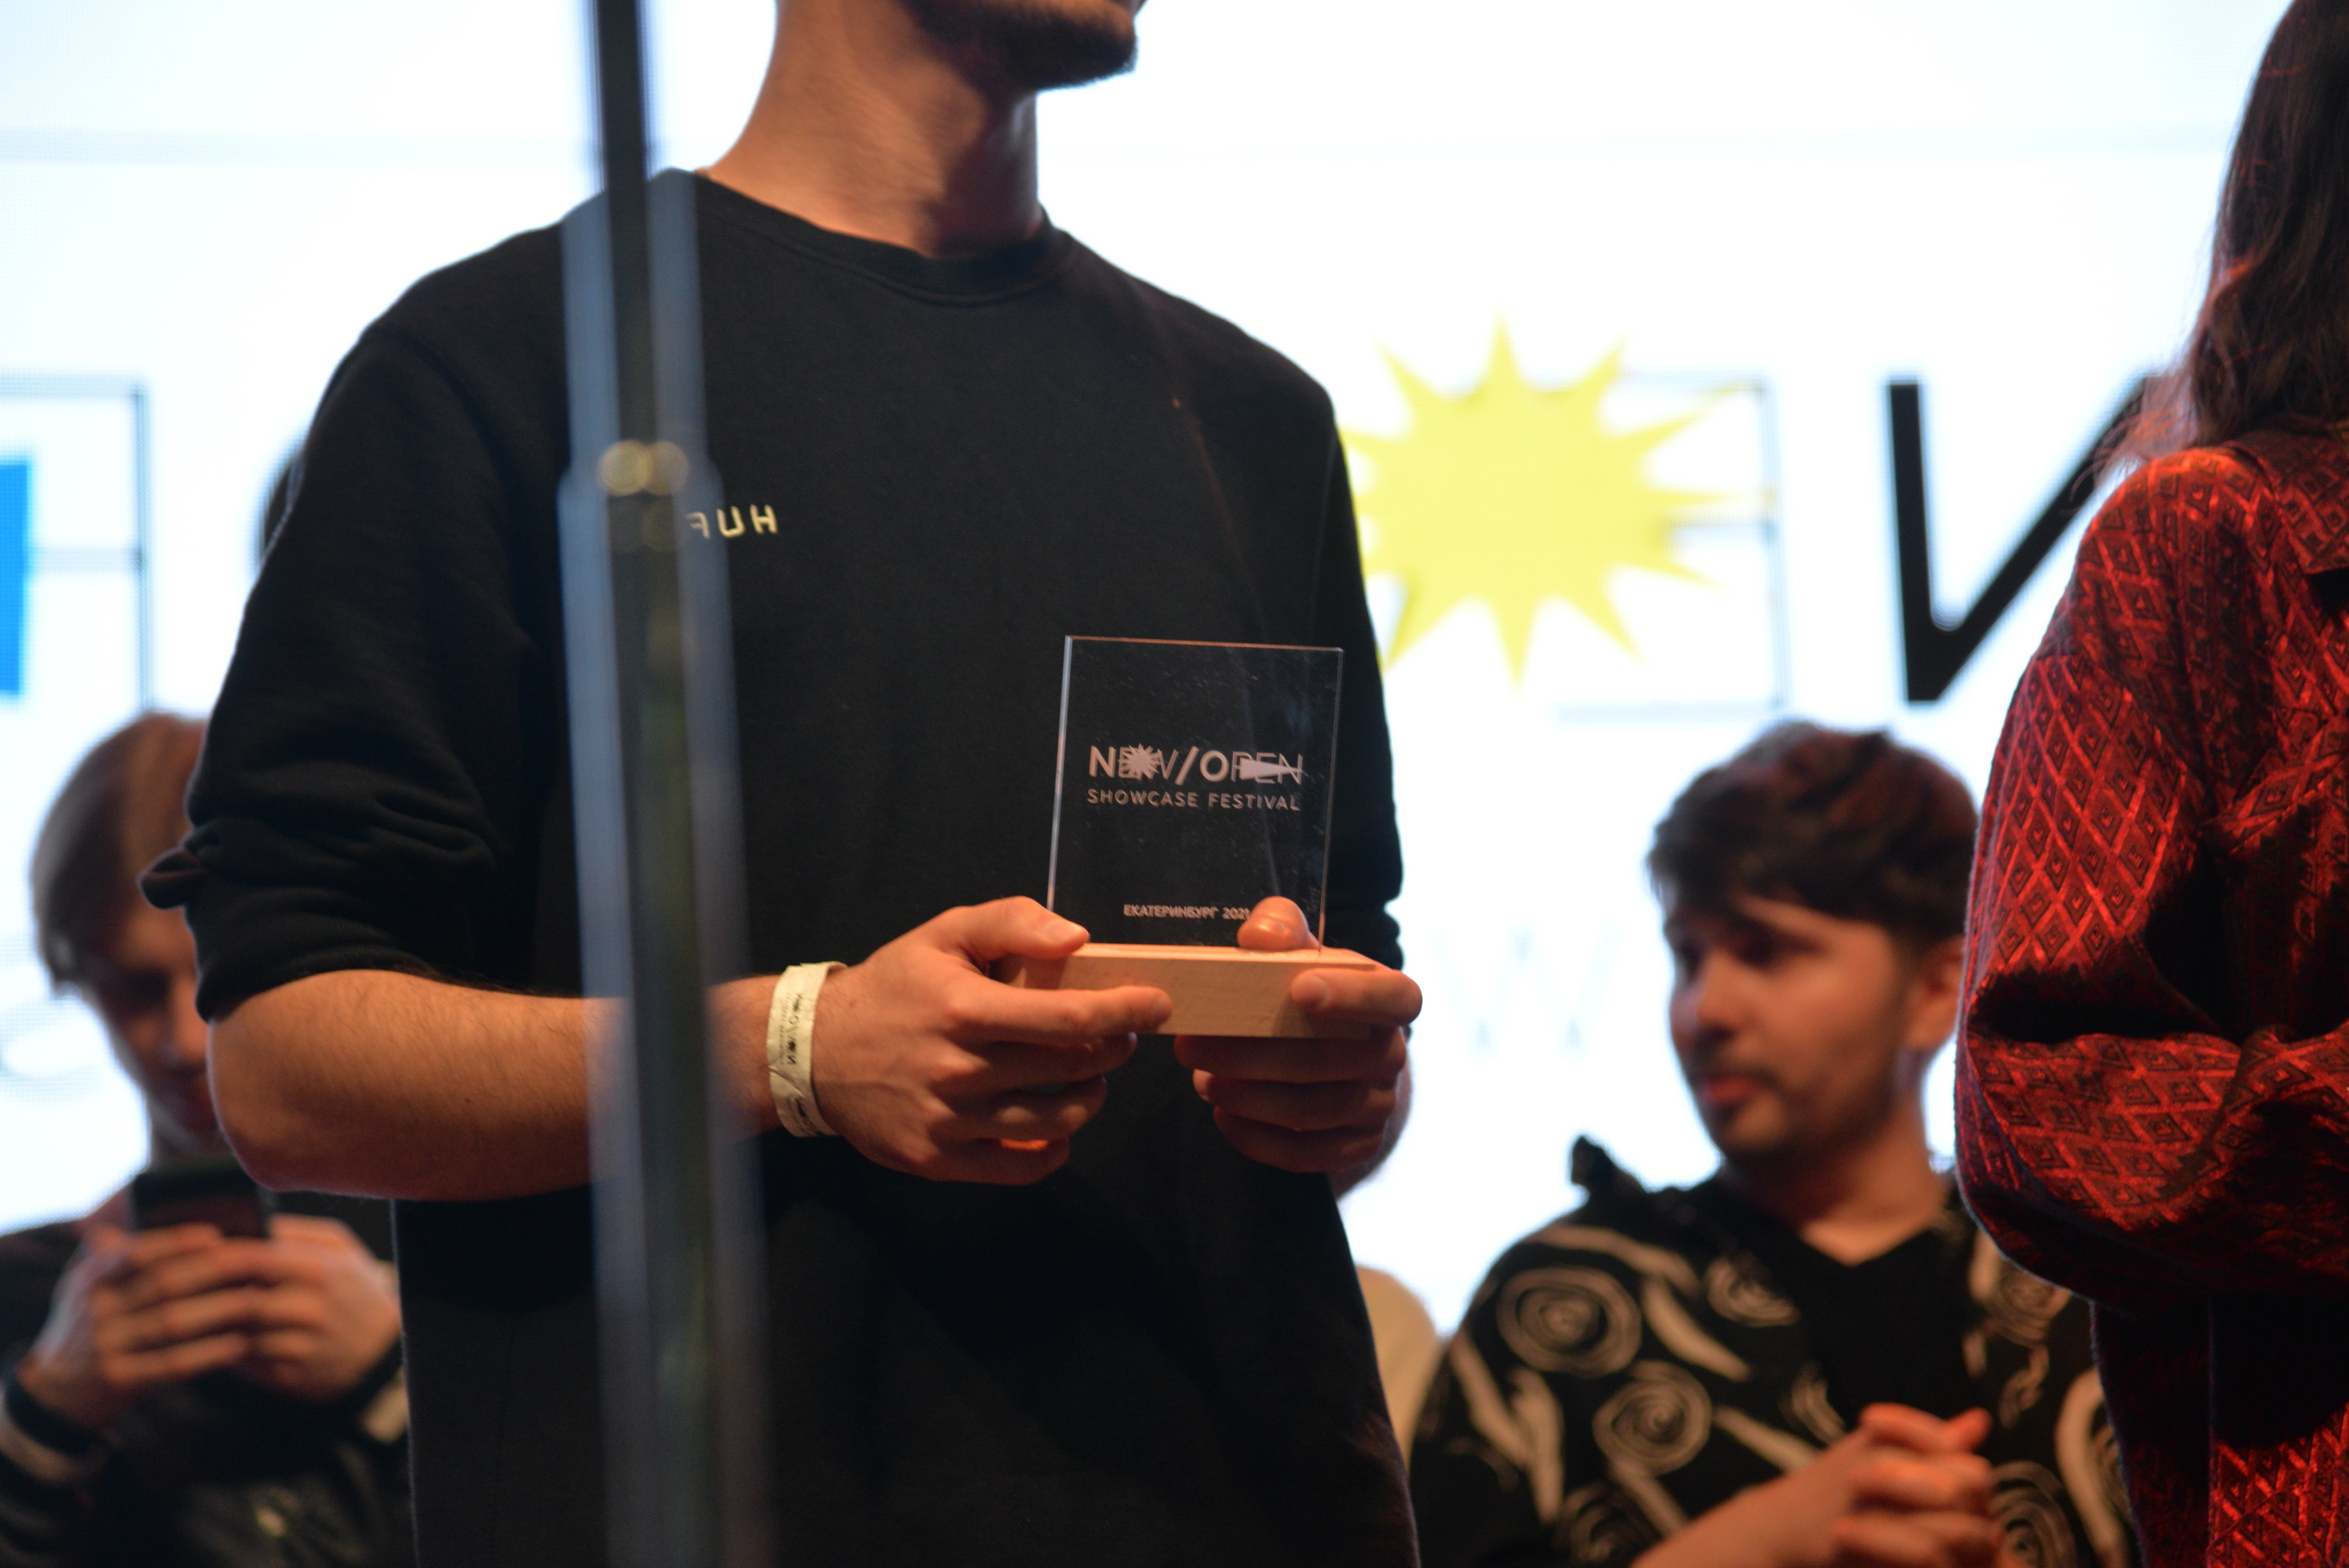 Также участники получили призы от экспертов фестиваля